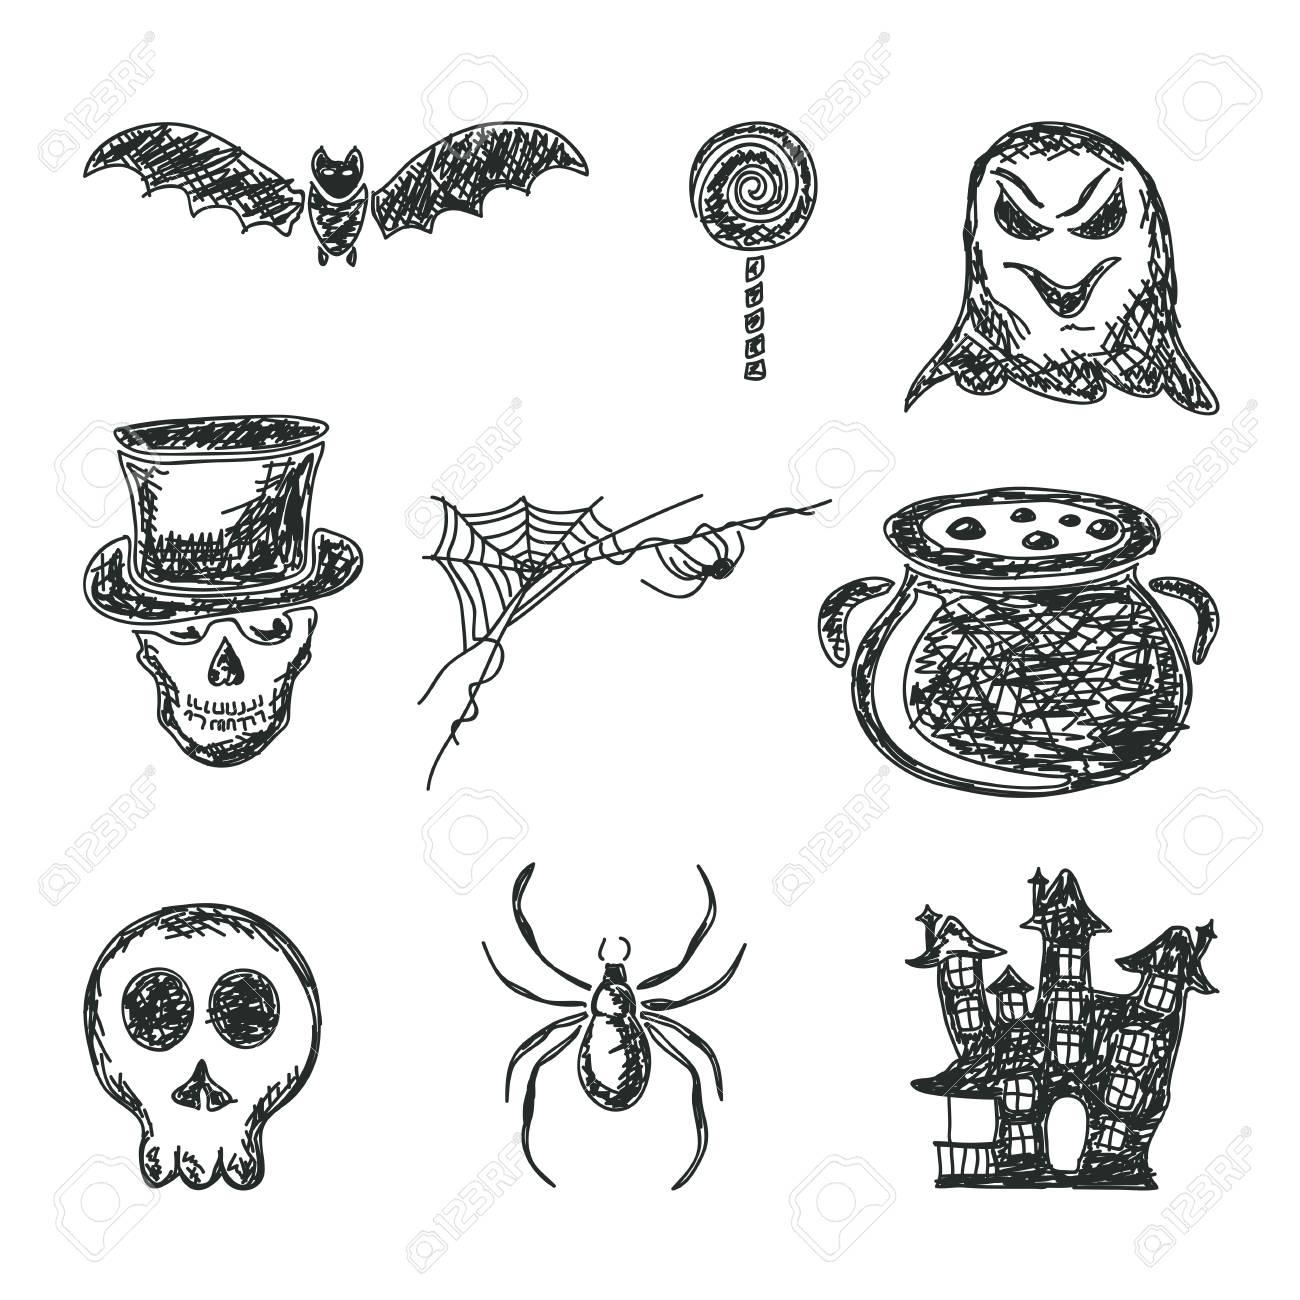 Halloween Thema.Halloween Thema Set Van Schetsen Pictogrammen Geisoleerd Op Een Witte Achtergrond Illustratie